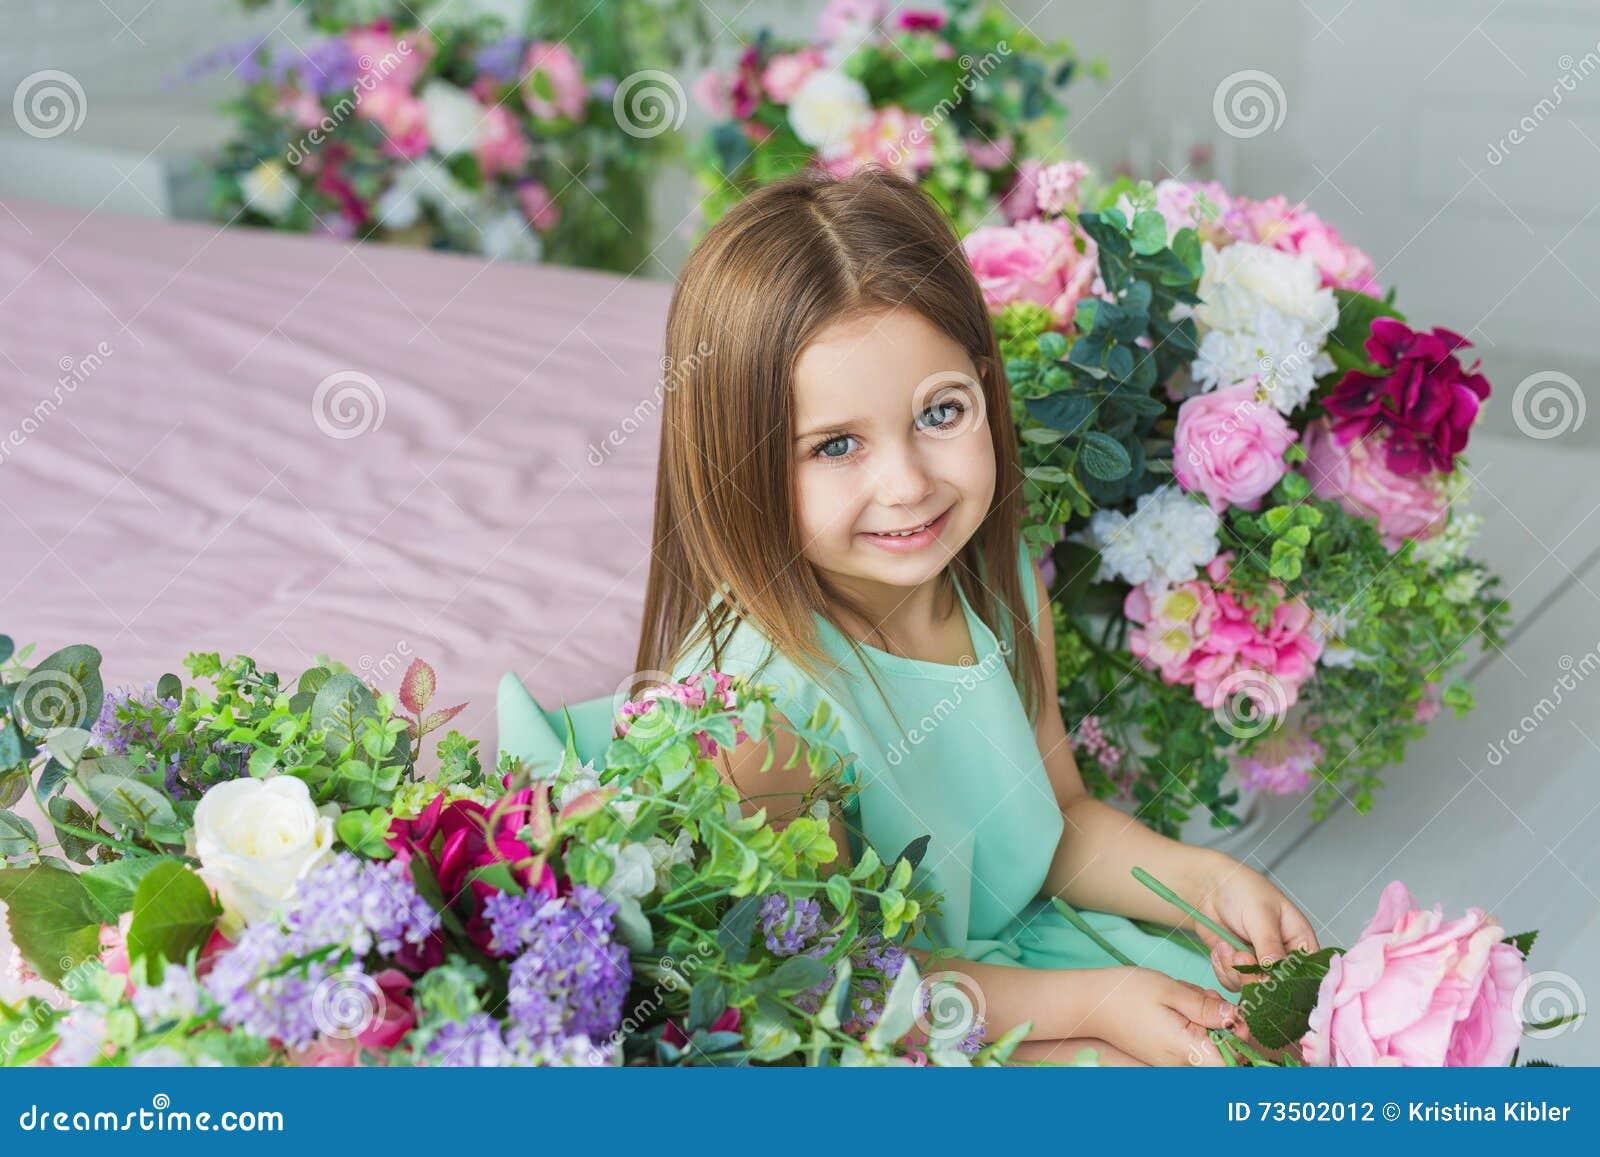 Het mooie meisje in een turkooise kleding zit en glimlacht dichtbij bloemen in een studio